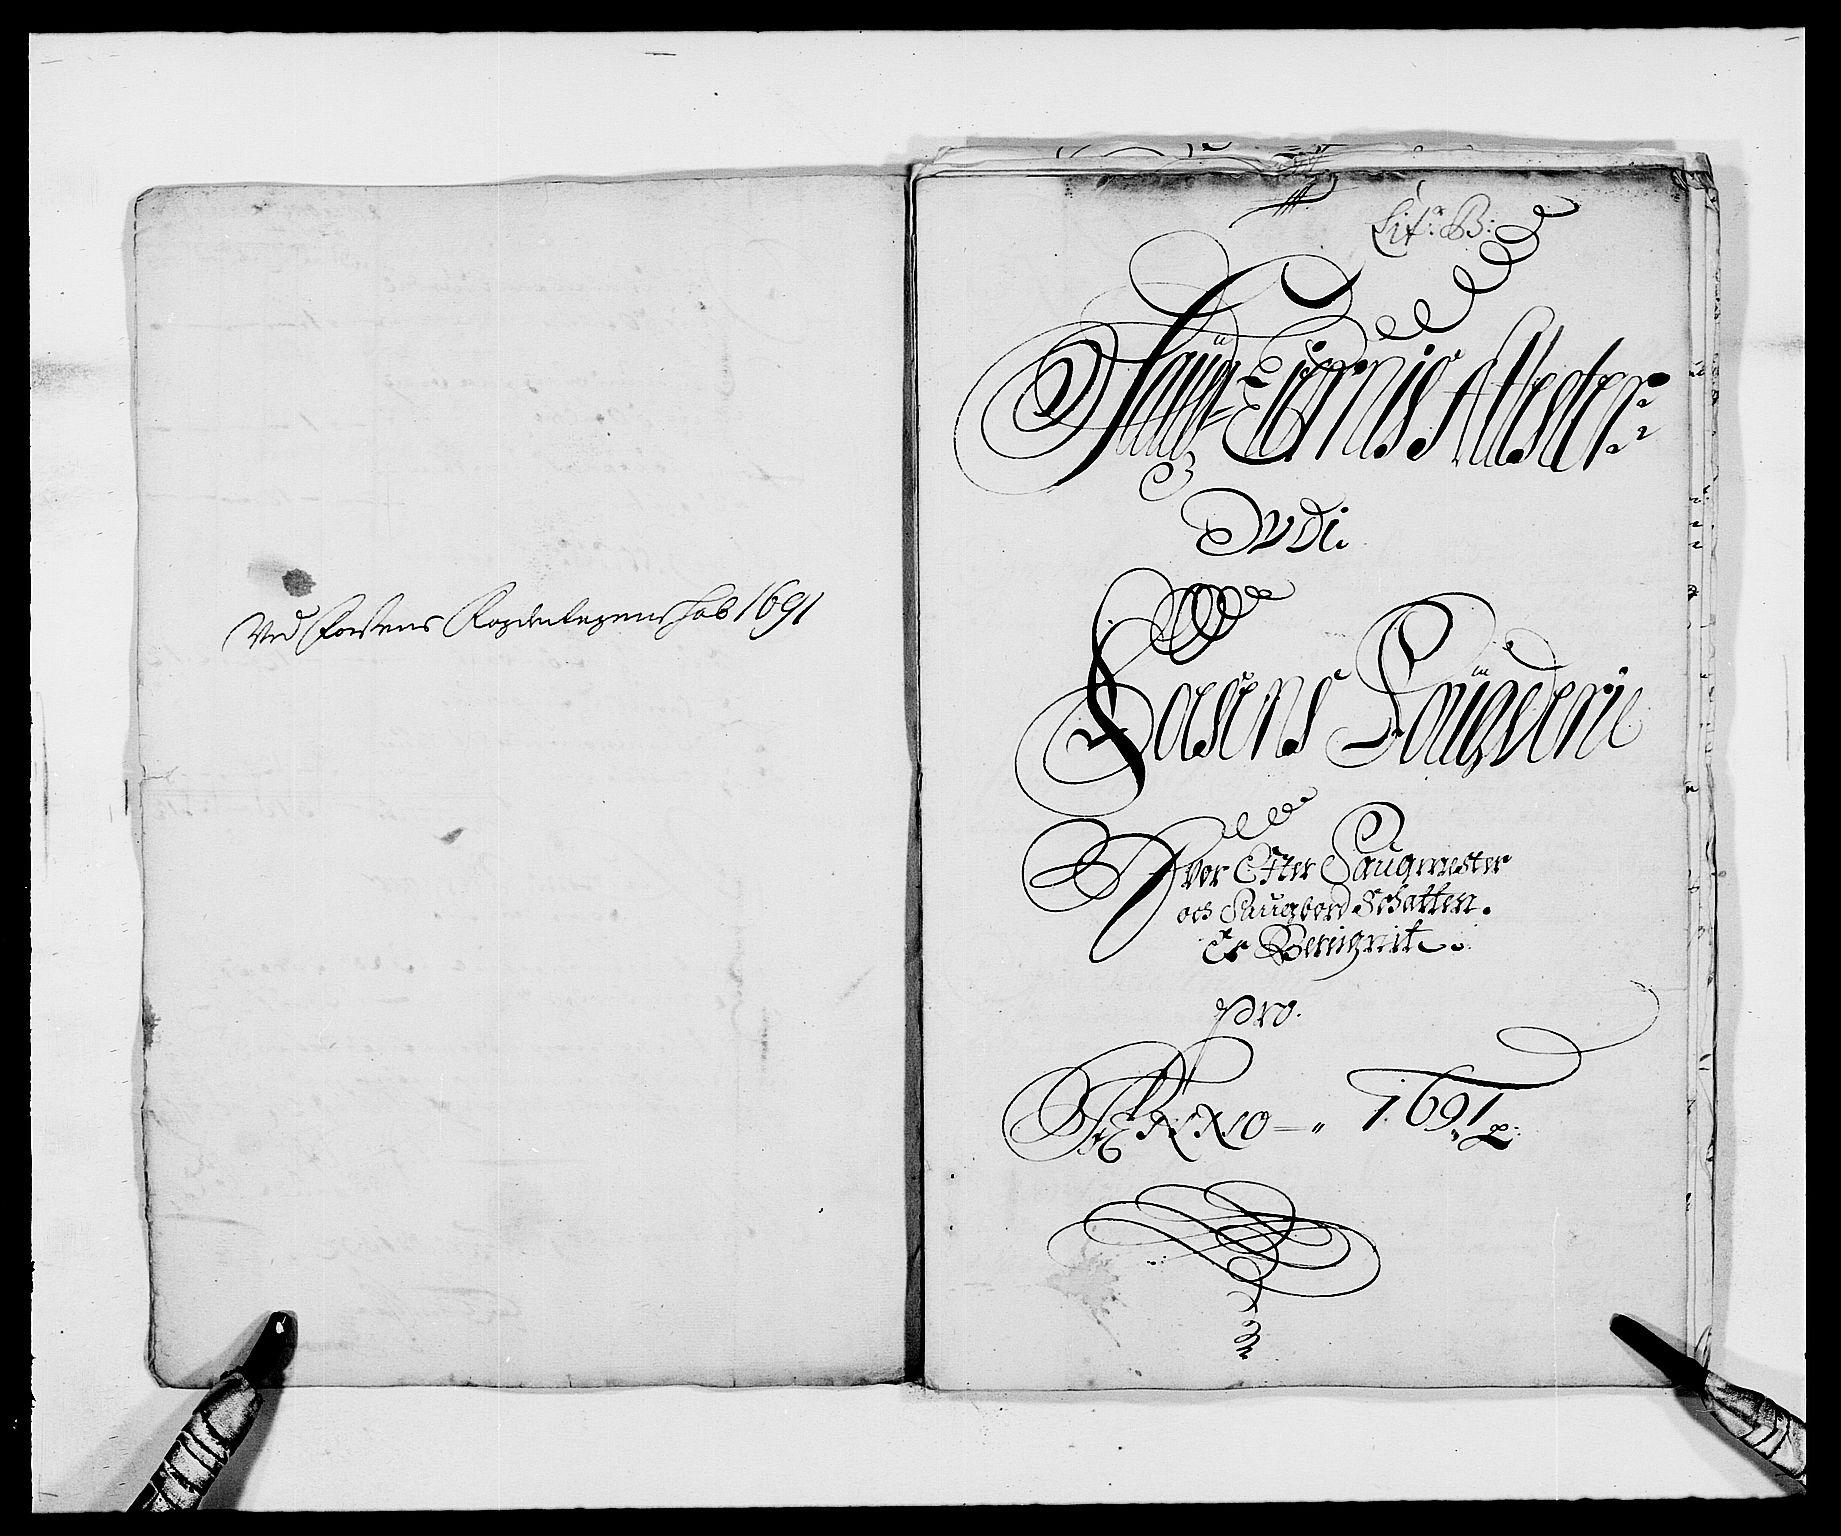 RA, Rentekammeret inntil 1814, Reviderte regnskaper, Fogderegnskap, R57/L3848: Fogderegnskap Fosen, 1690-1691, s. 214